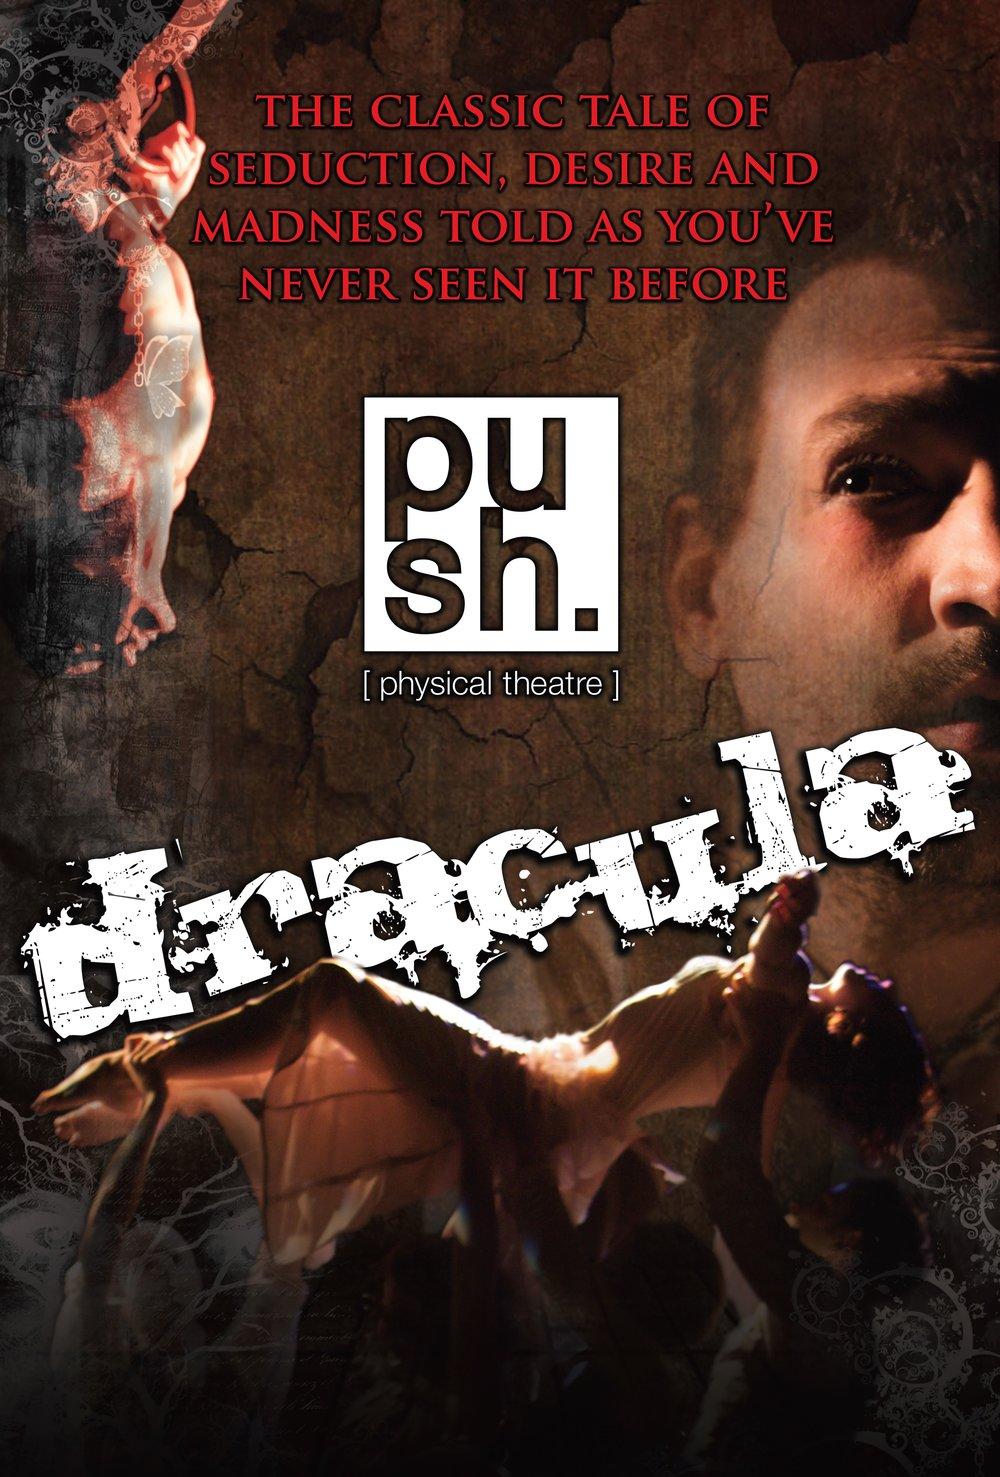 Dracula Poster.jpg